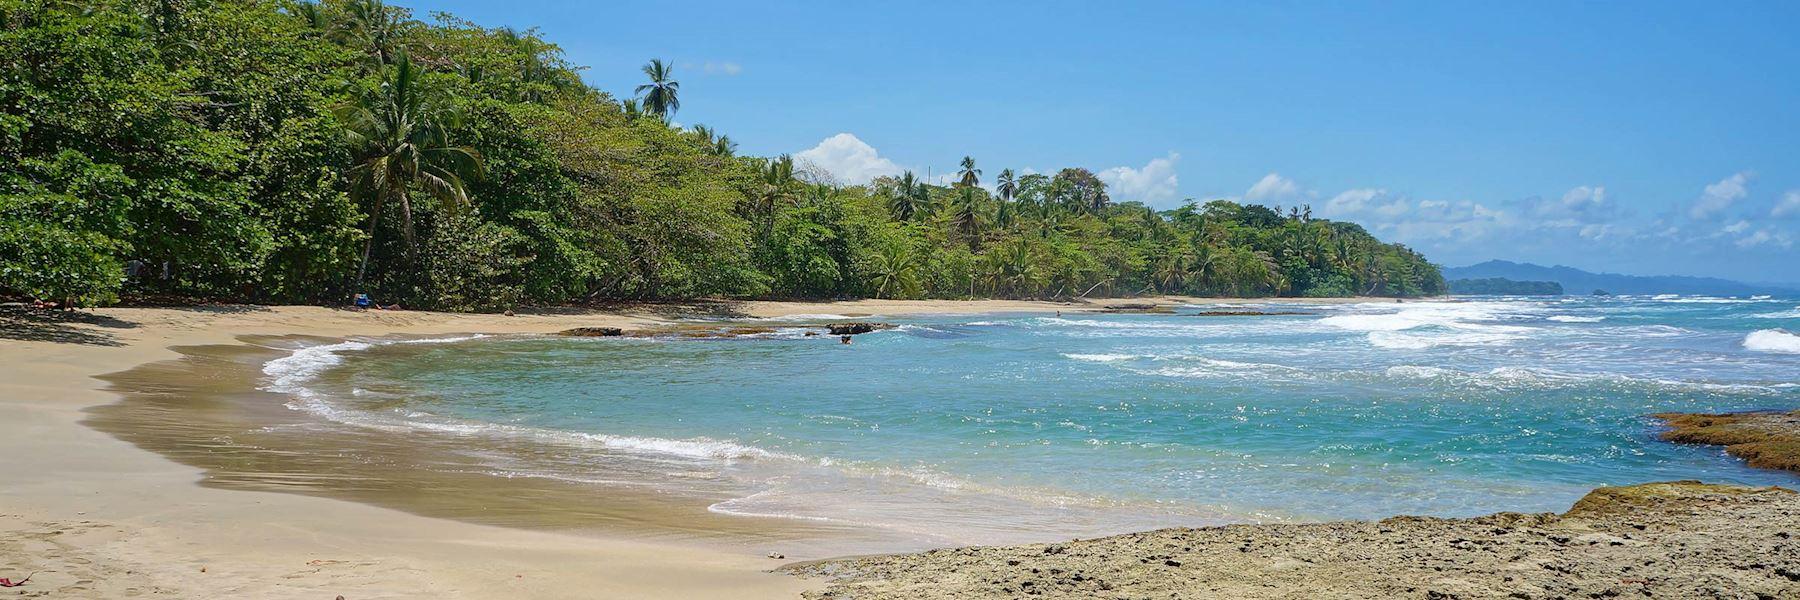 Visit Puerto Viejo de Talamanca, Costa Rica